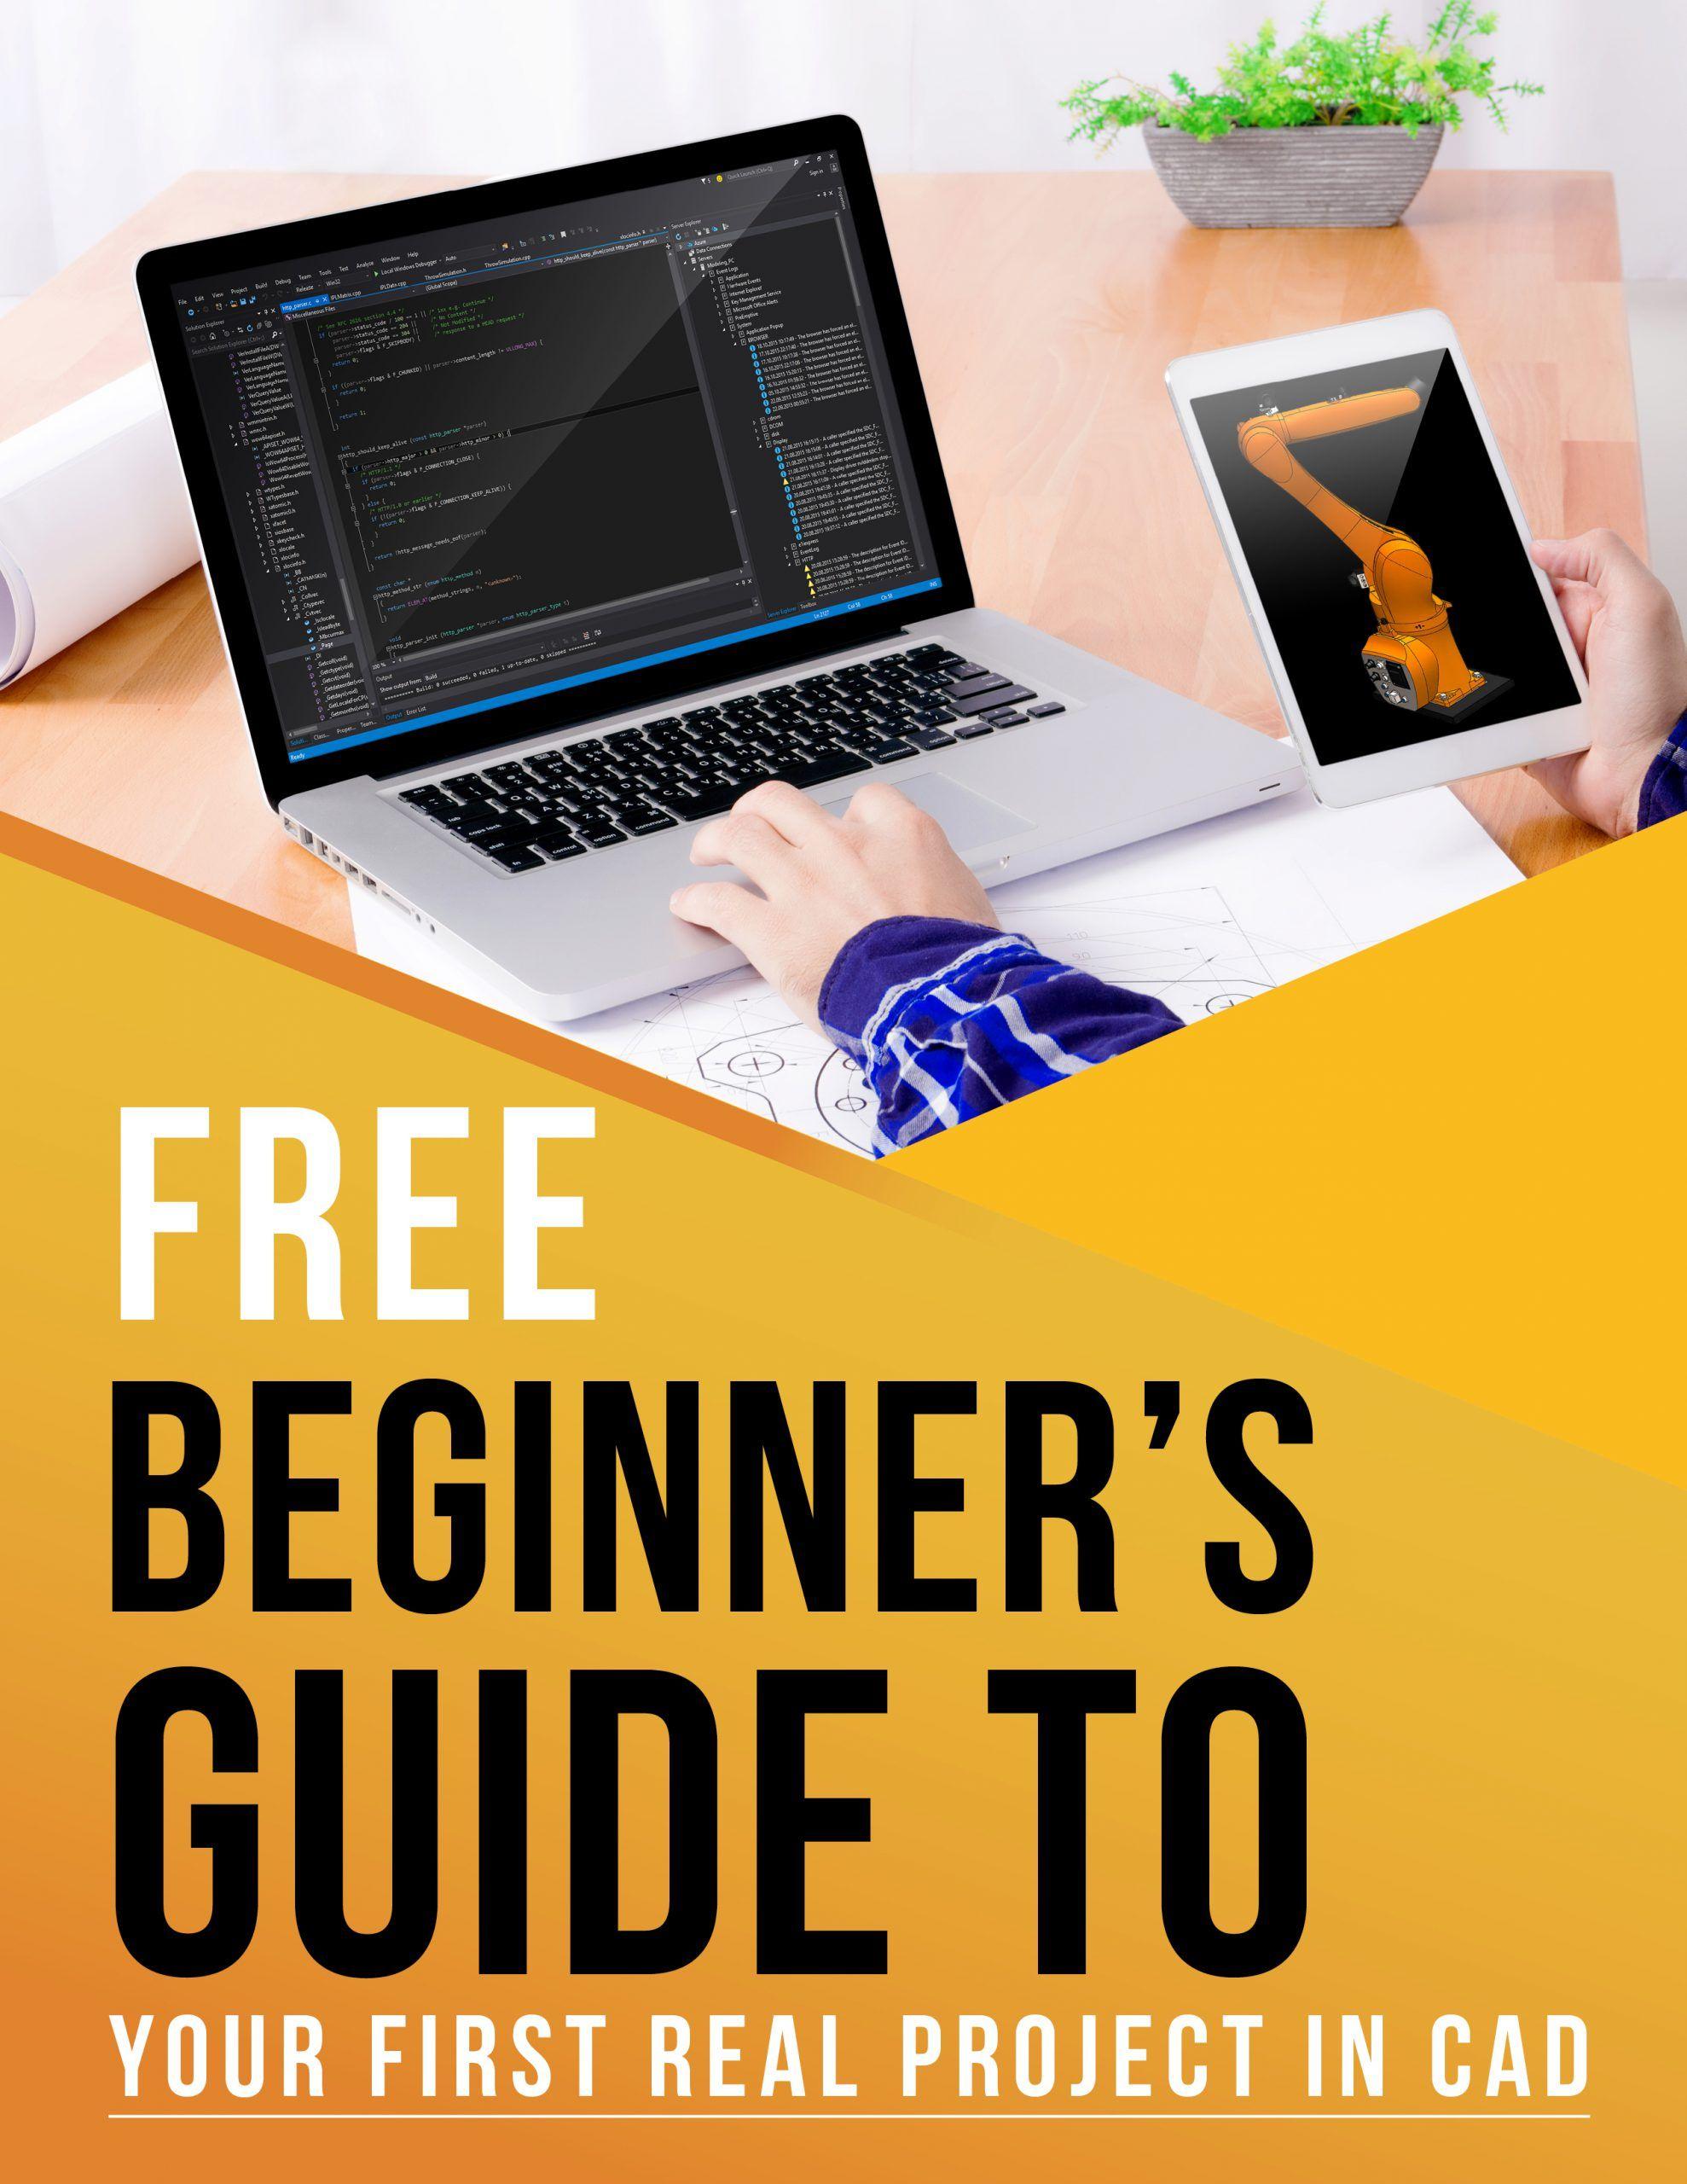 Free Home Design Software Mac Os 10 11 6